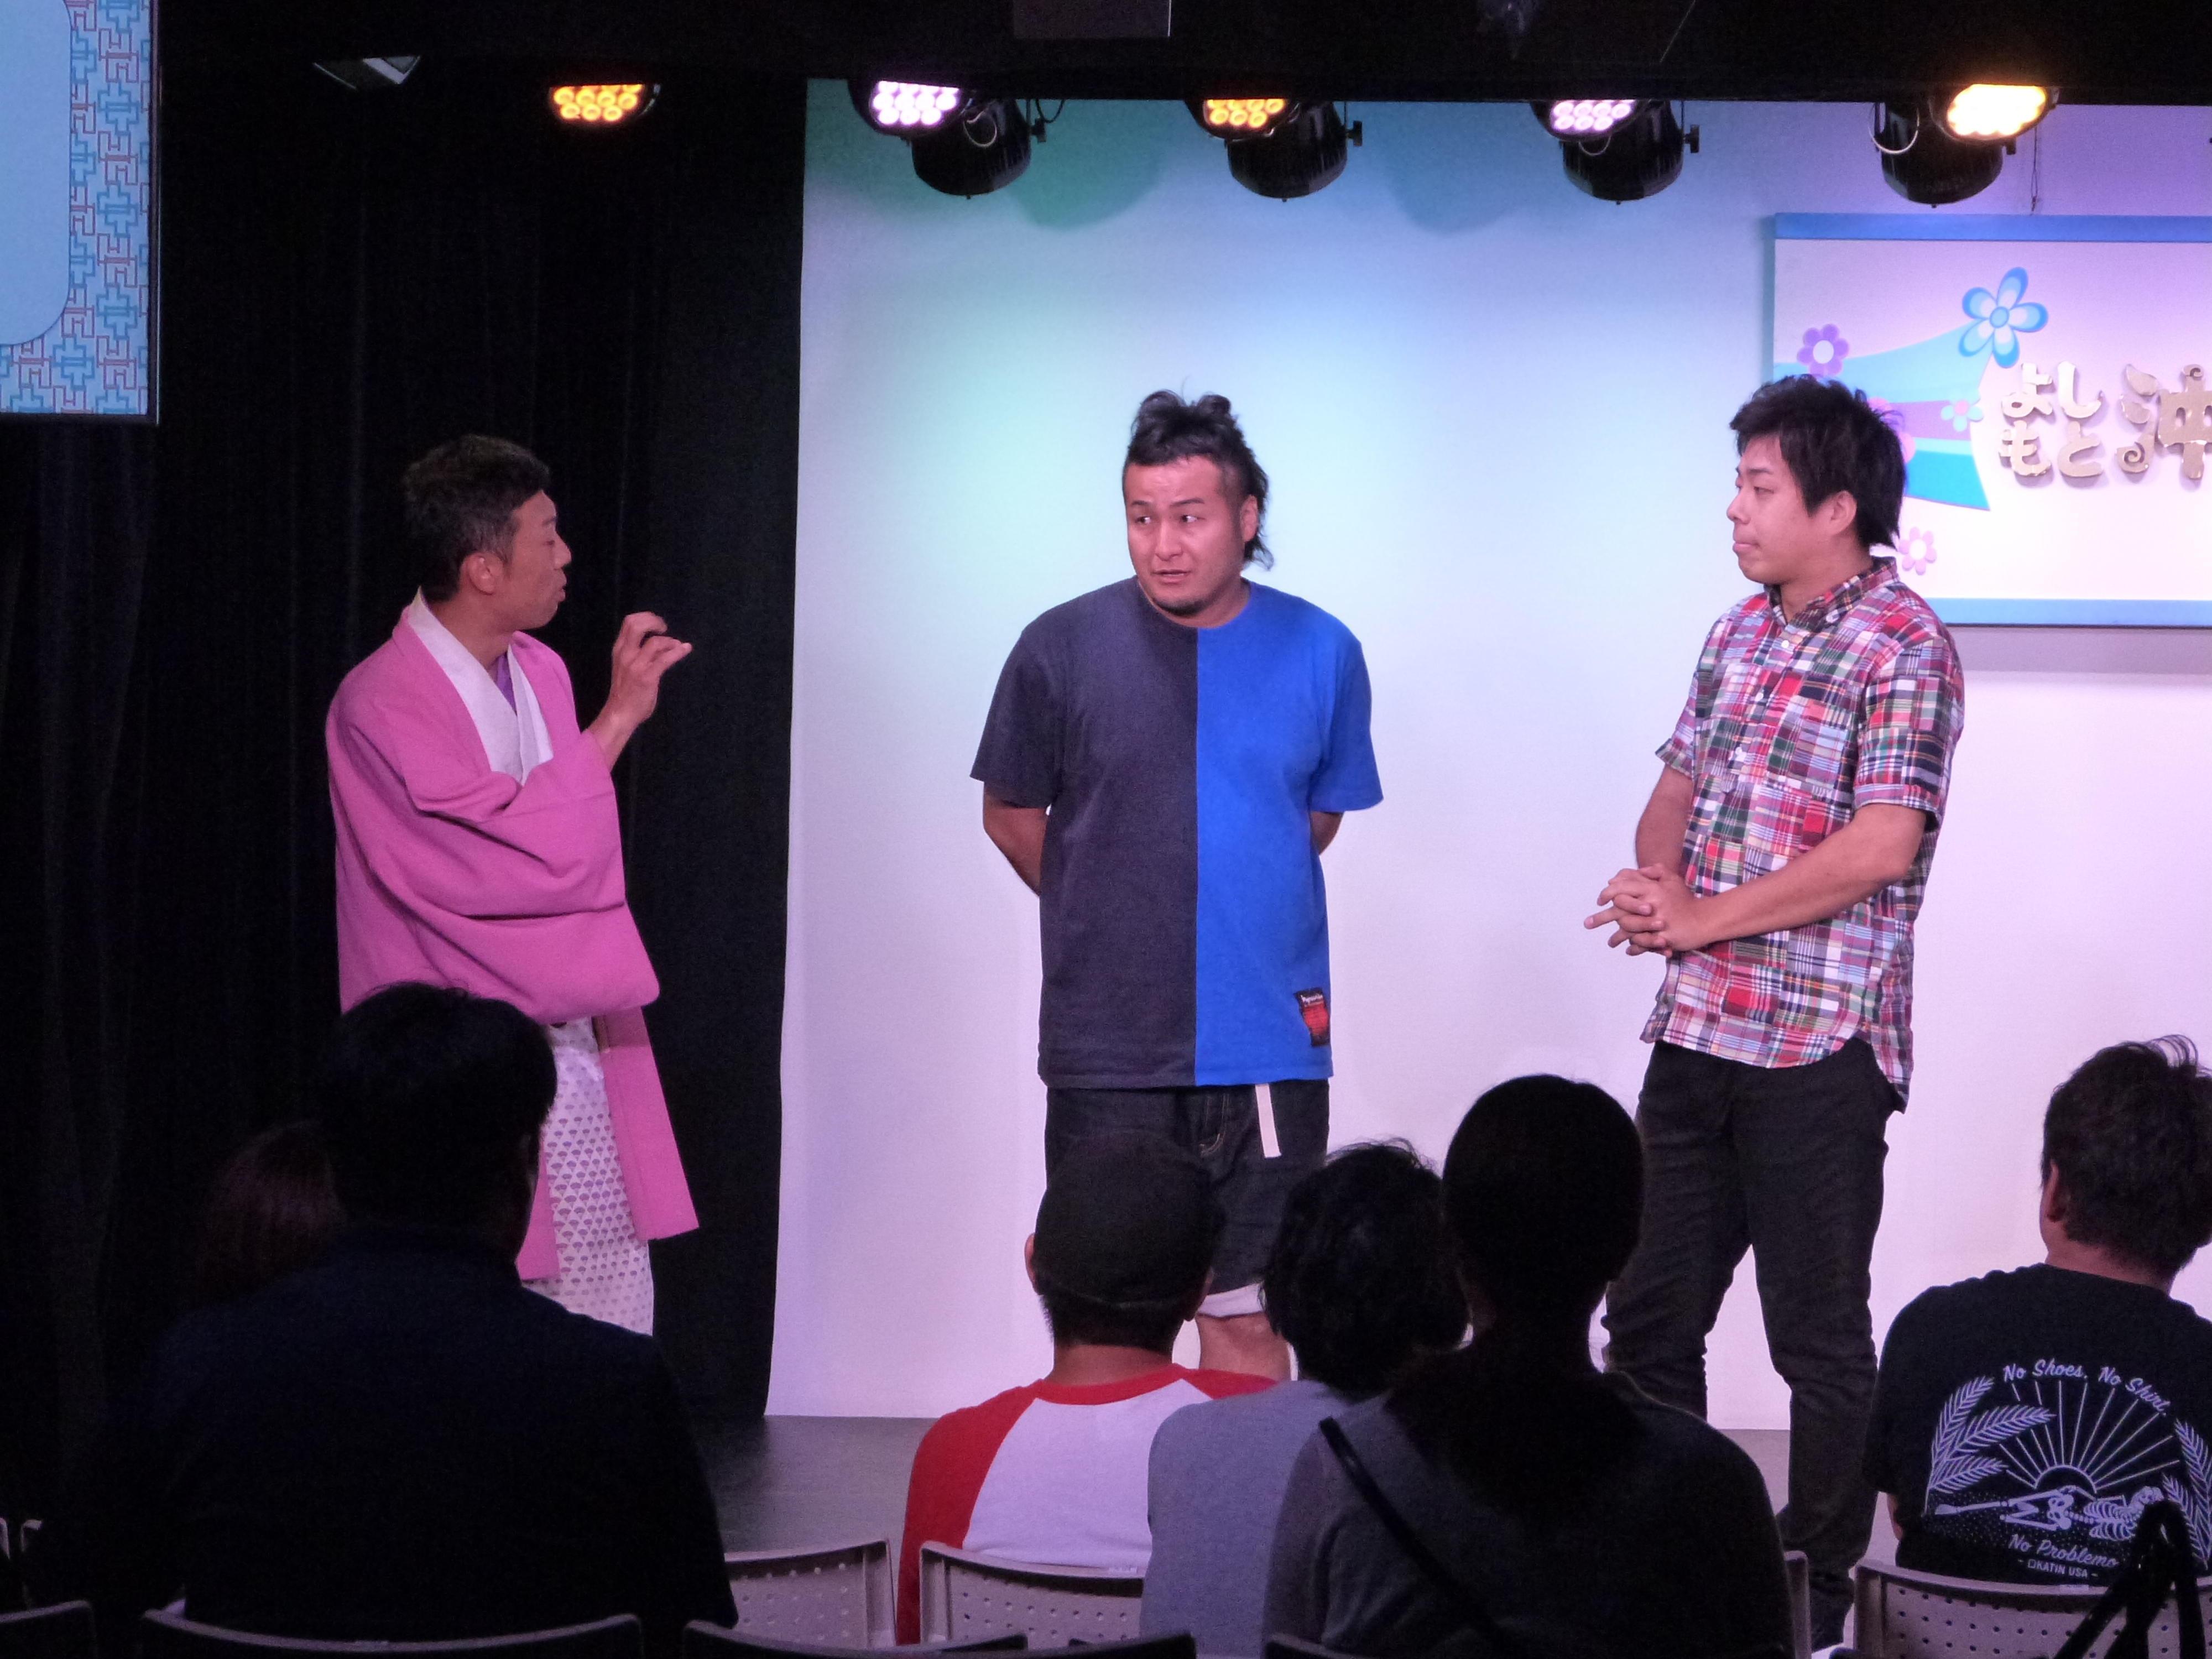 http://news.yoshimoto.co.jp/20180824202234-85396bf0b37194dd44f49ad17e112e52a6da6cb7.jpg